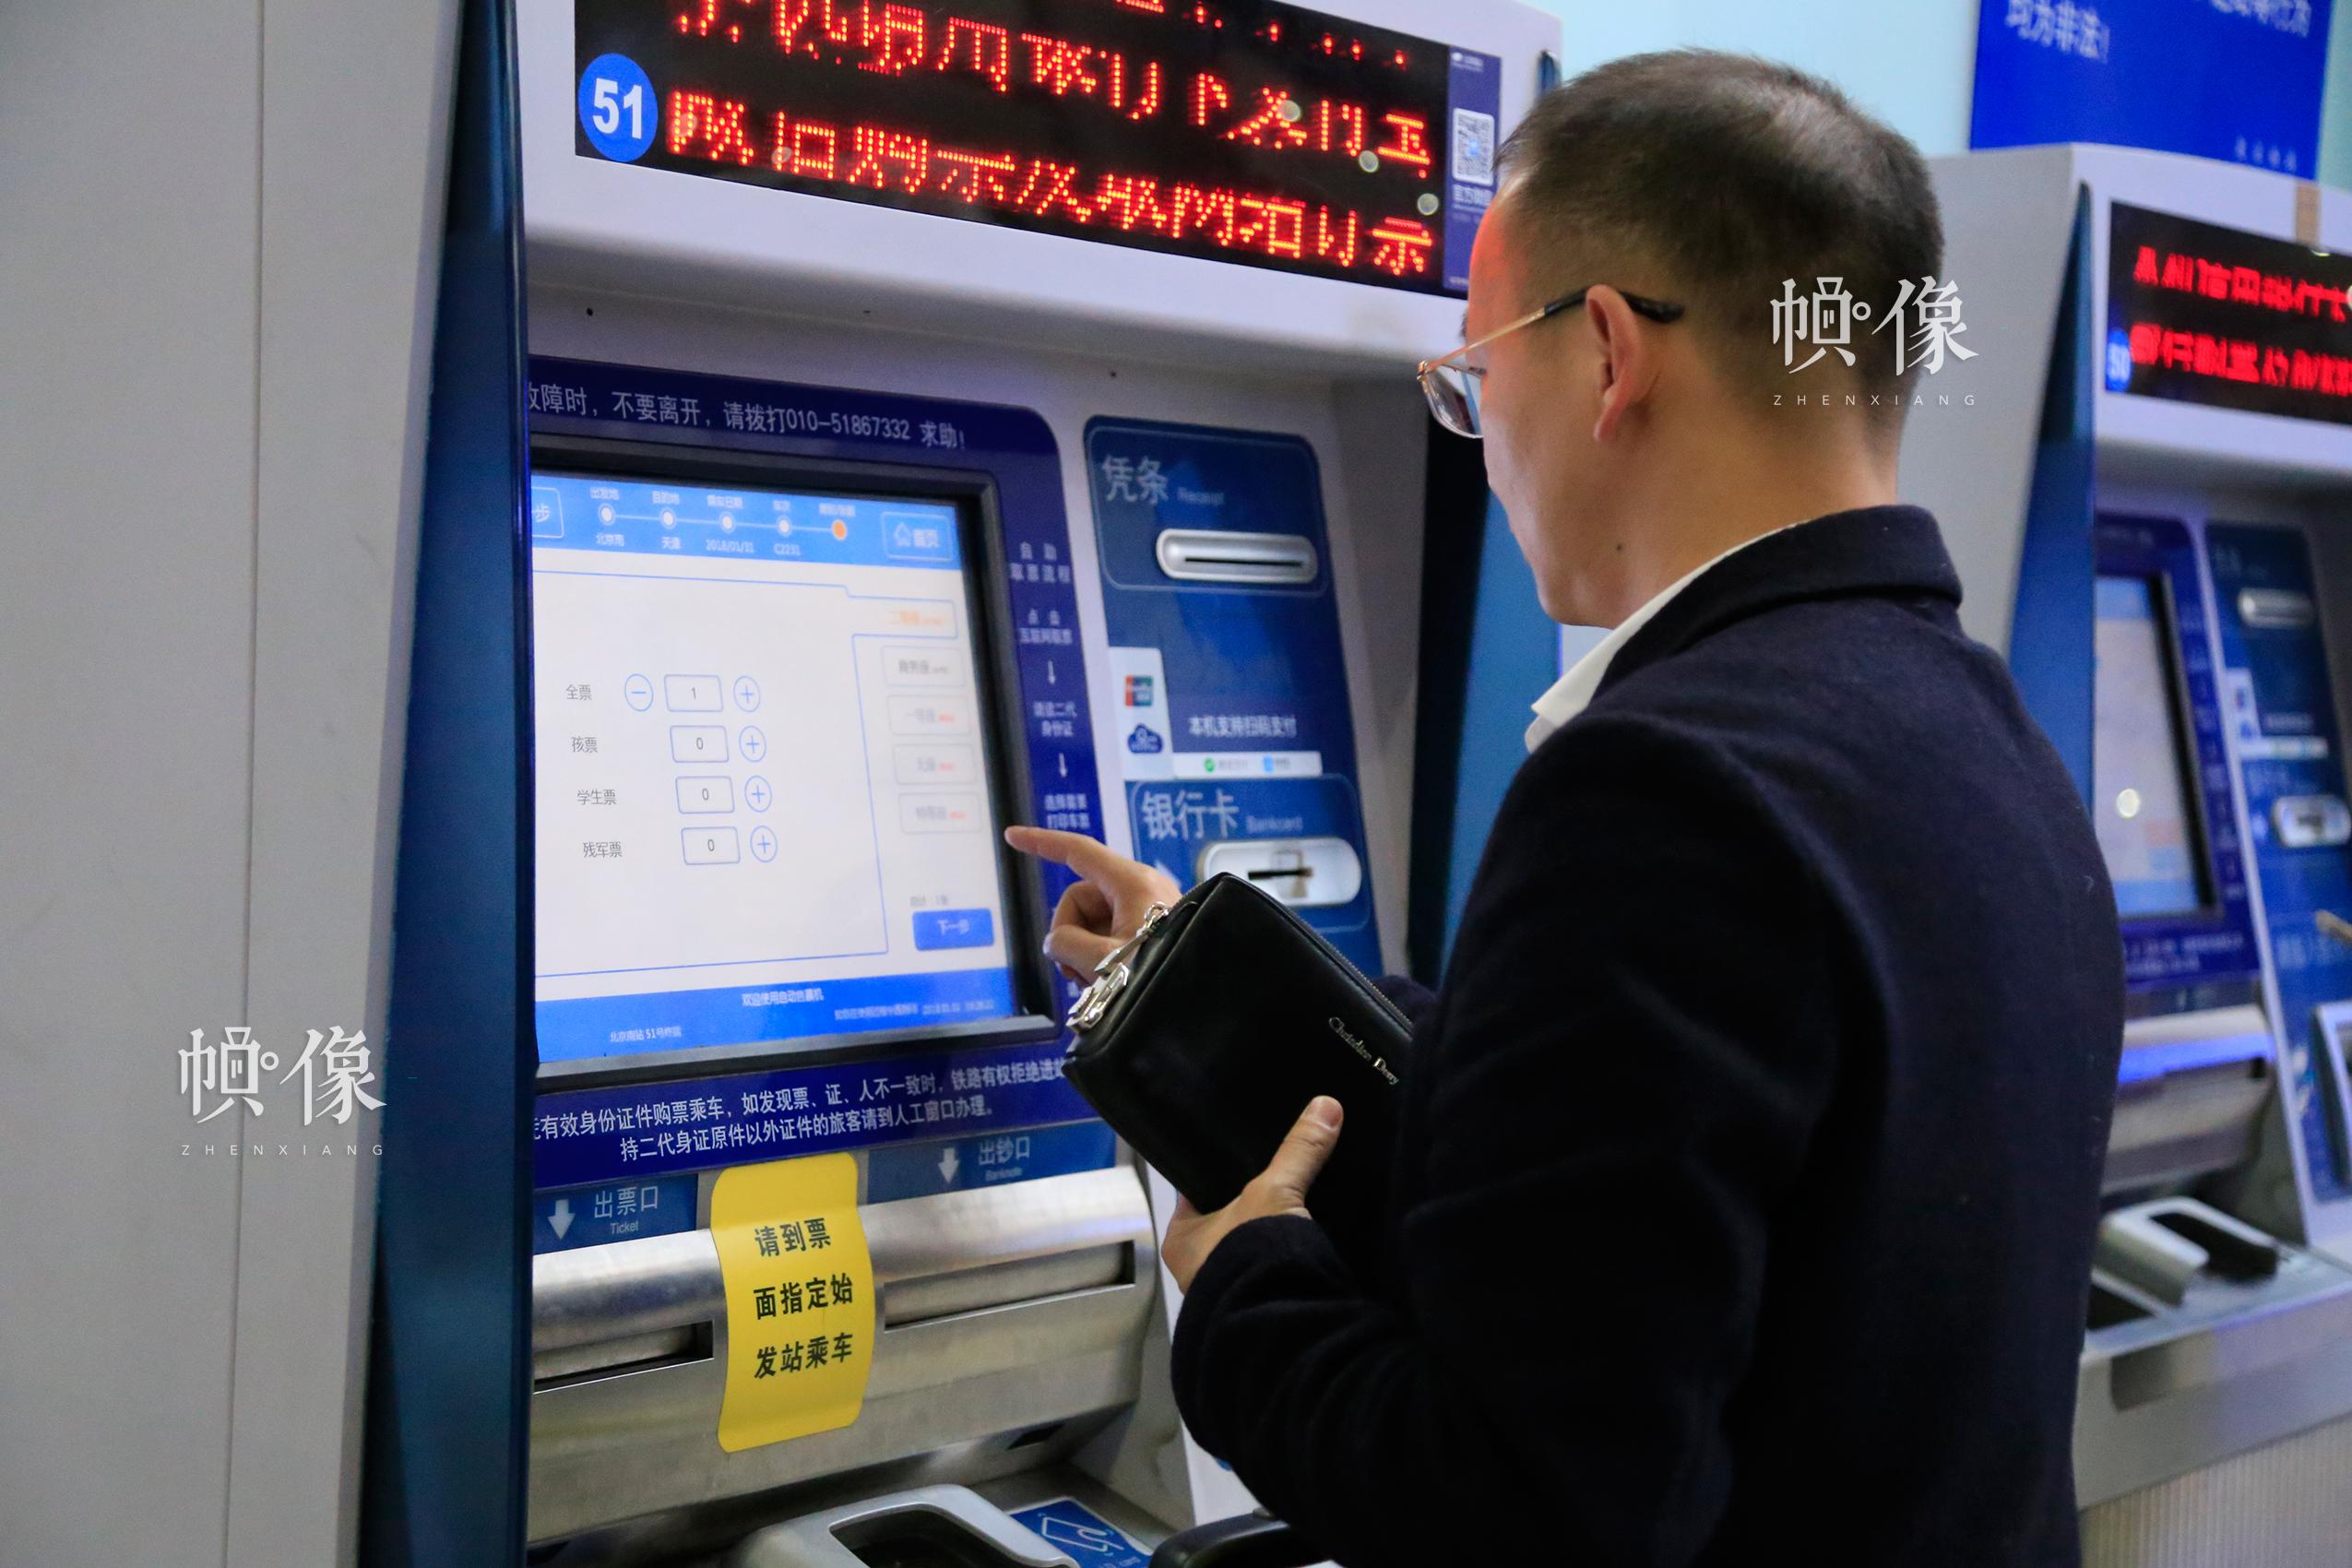 北京南站自助售取票机前,一位乘客购买车票。中国网实习记者 韩依 摄